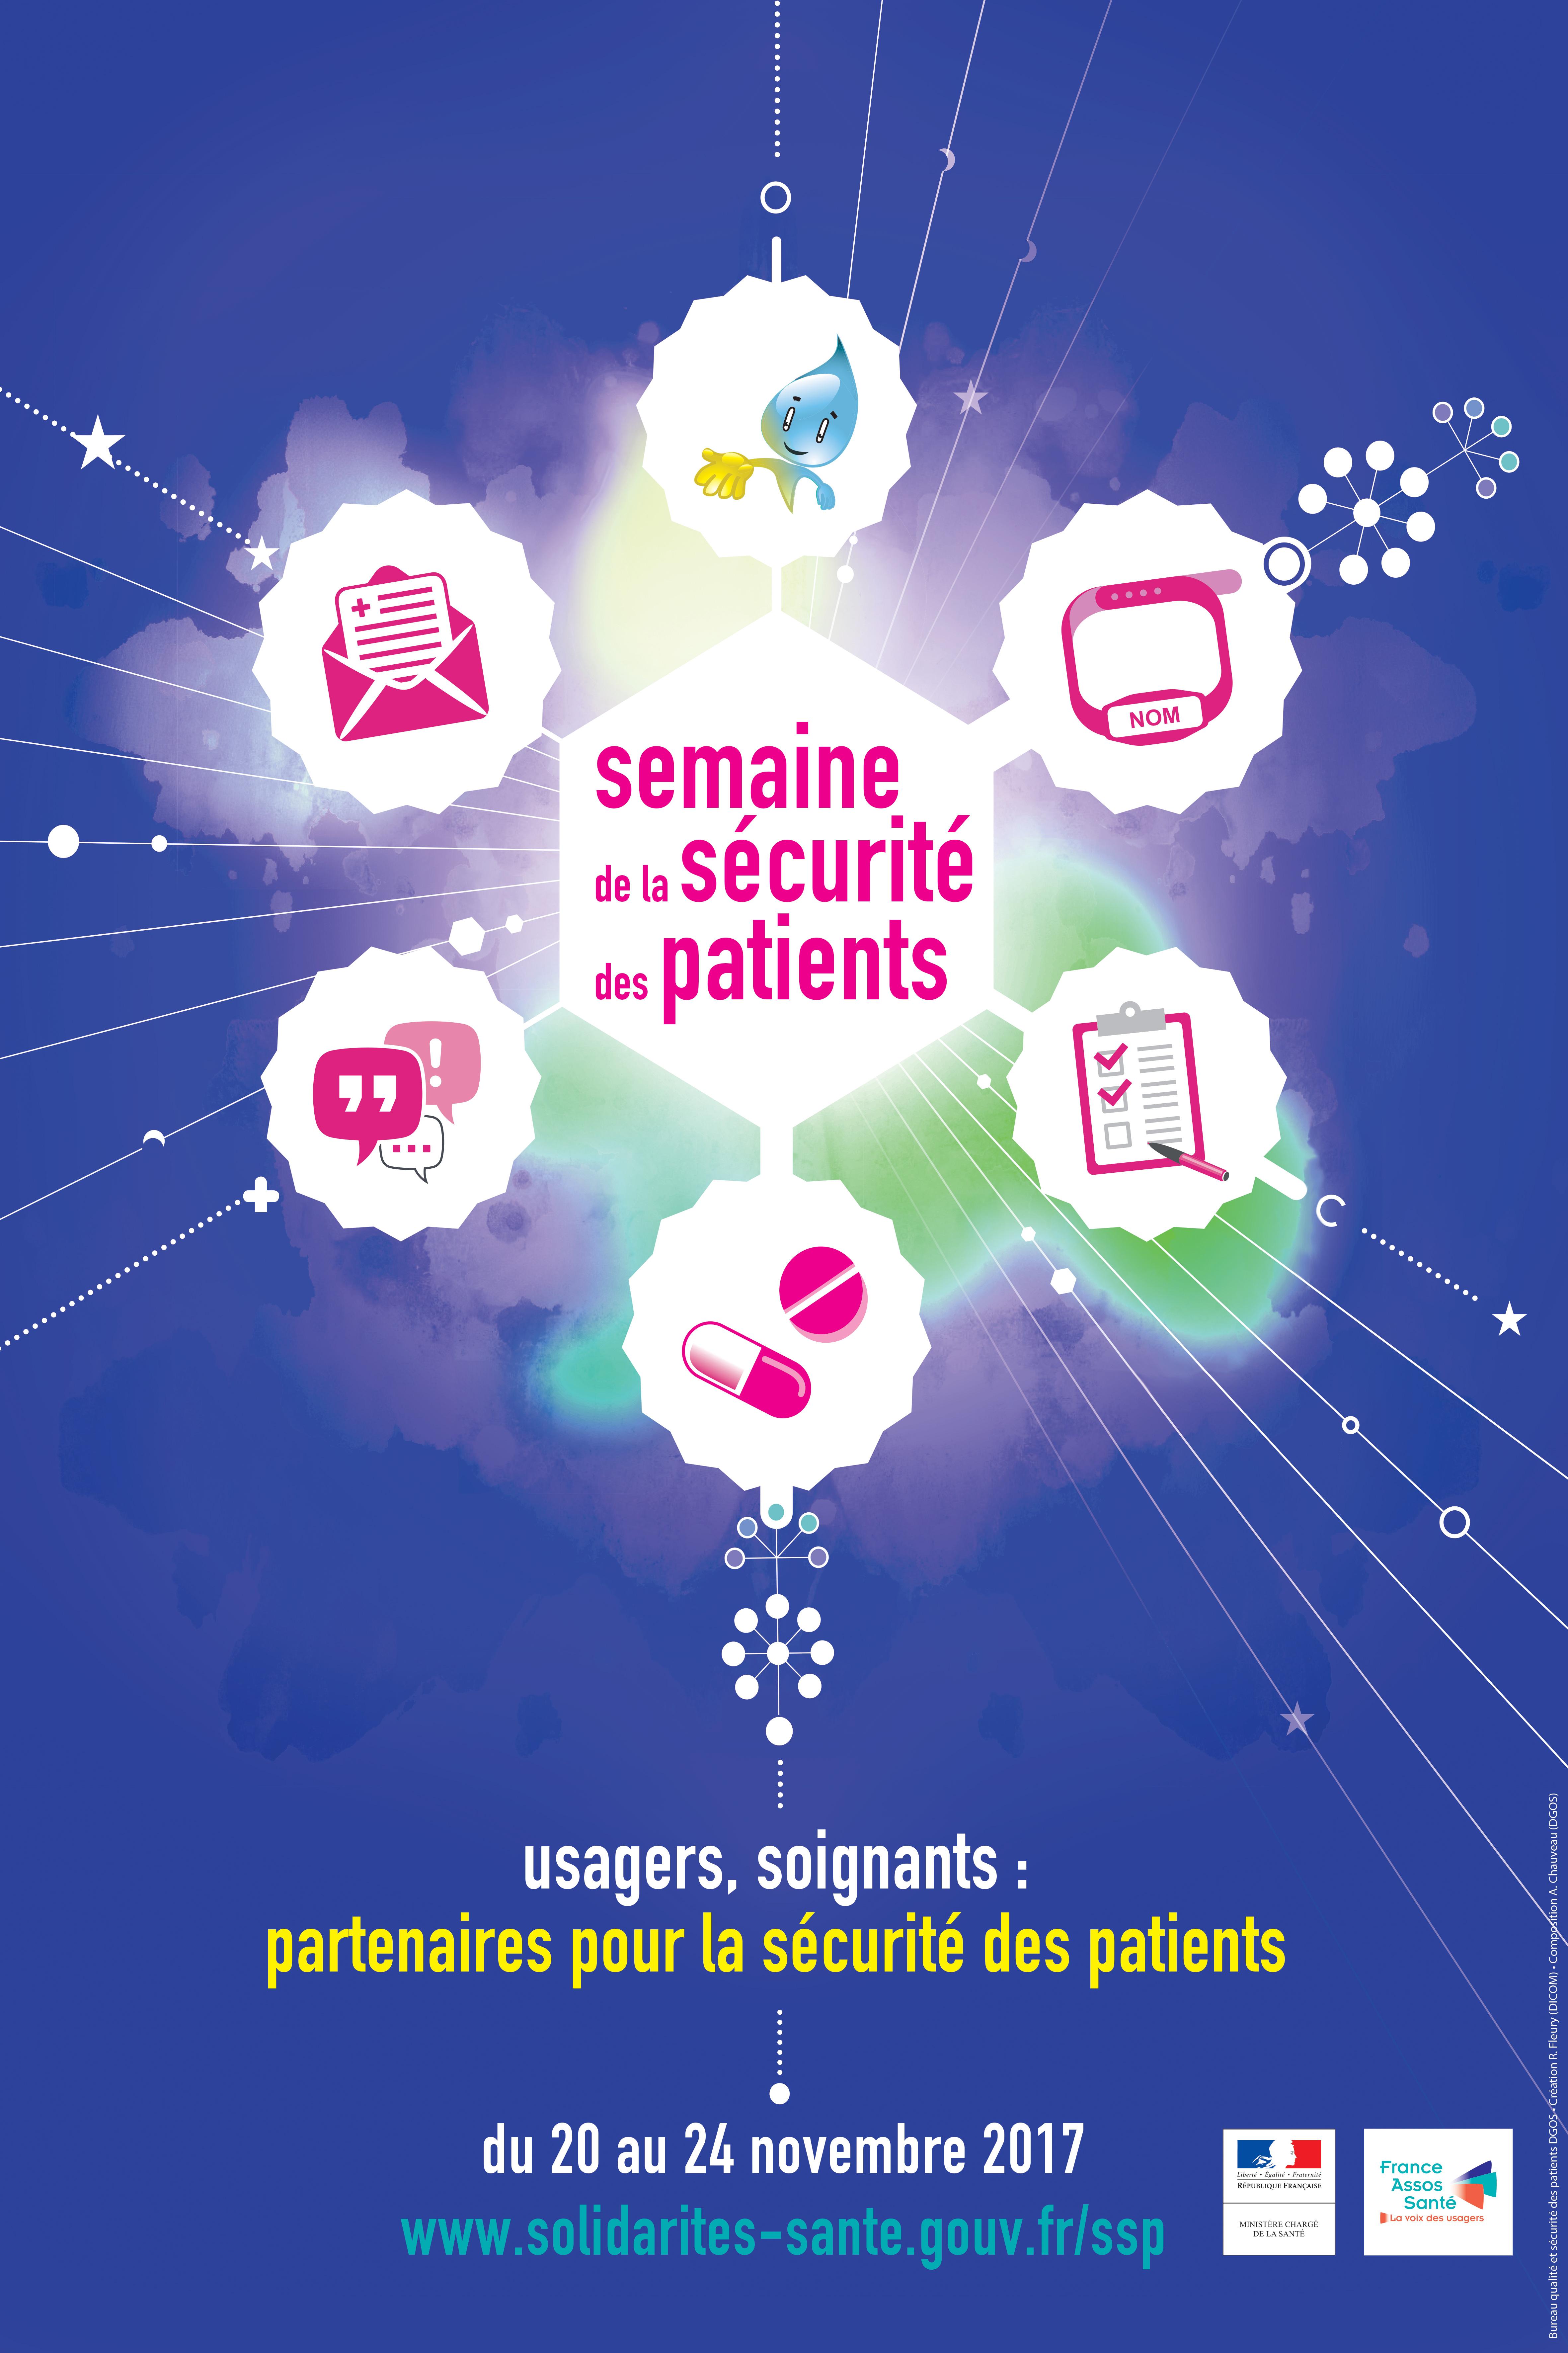 Semaine Sécurité des Patients 2017